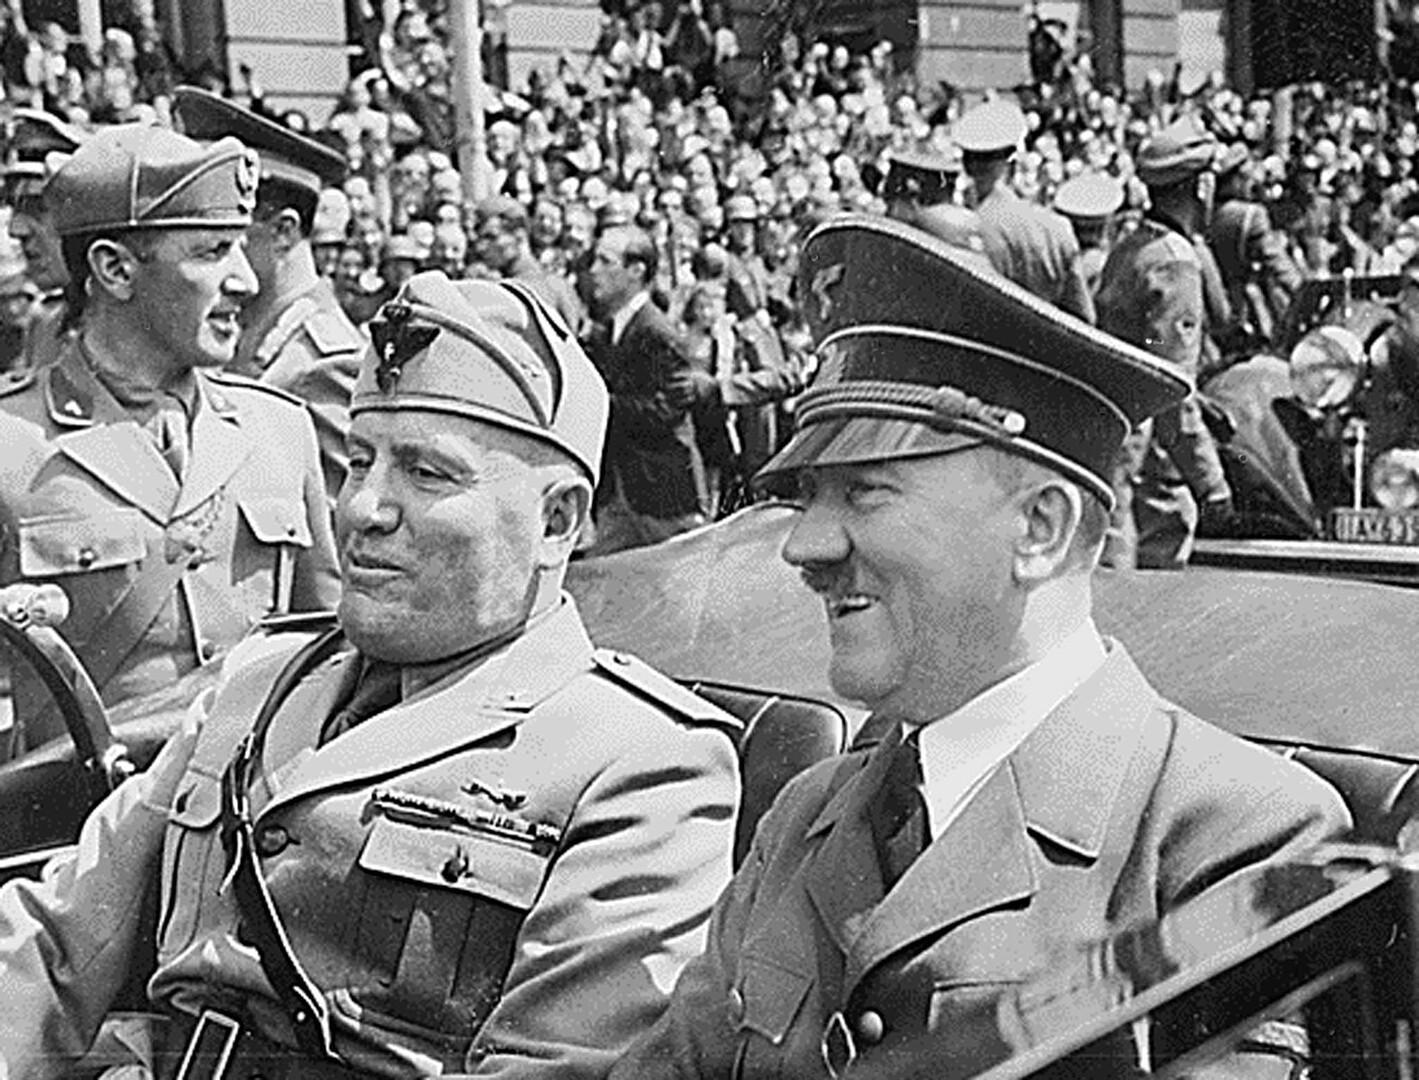 وثائق سرية: موسوليني طمع في ضم قسم من الاتحاد السوفيتي إلى إيطاليا